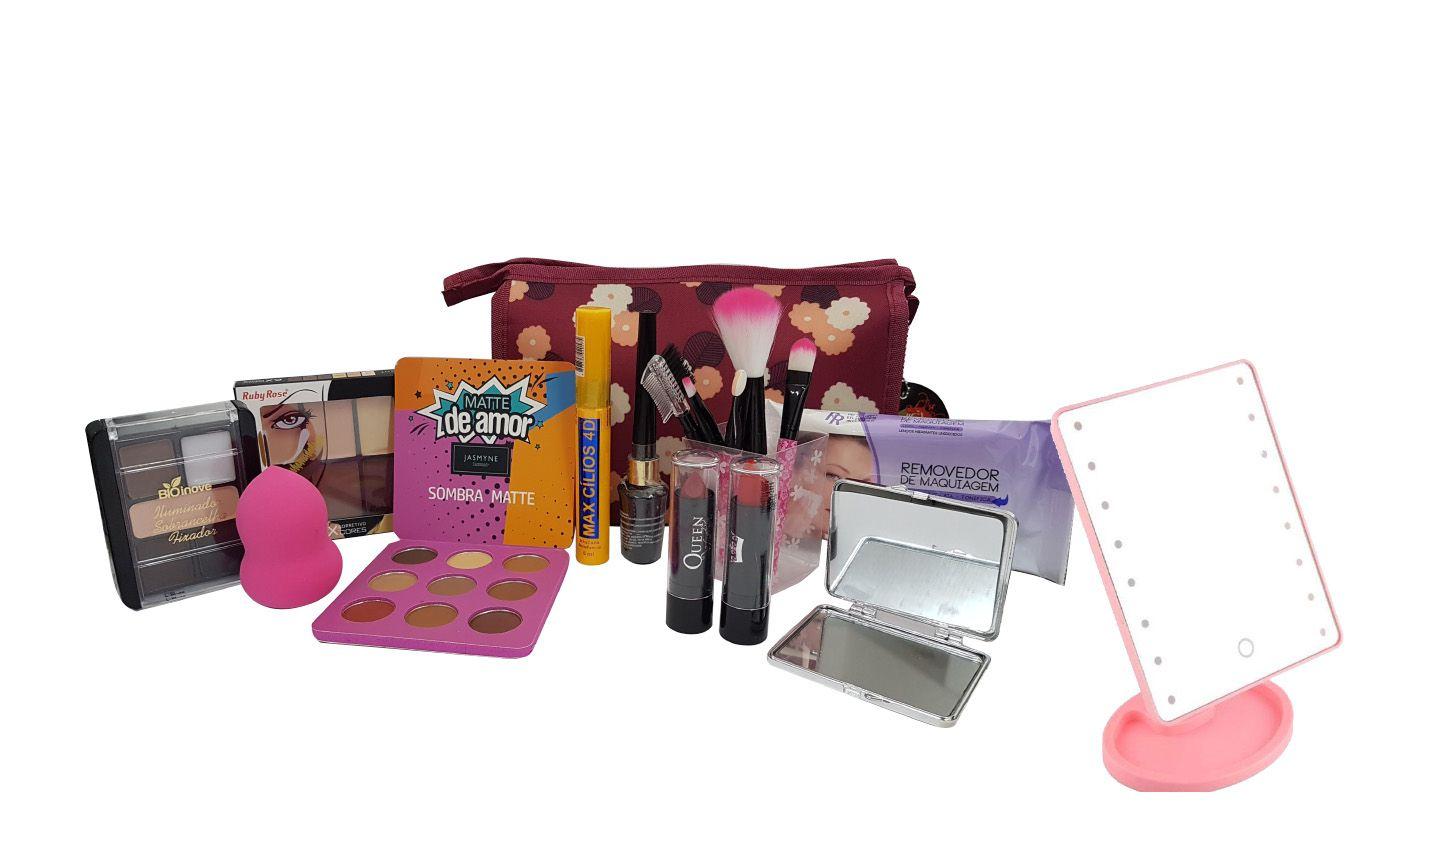 Kit Necessaire Maquiagem Completa Ruby Rose + Espelho